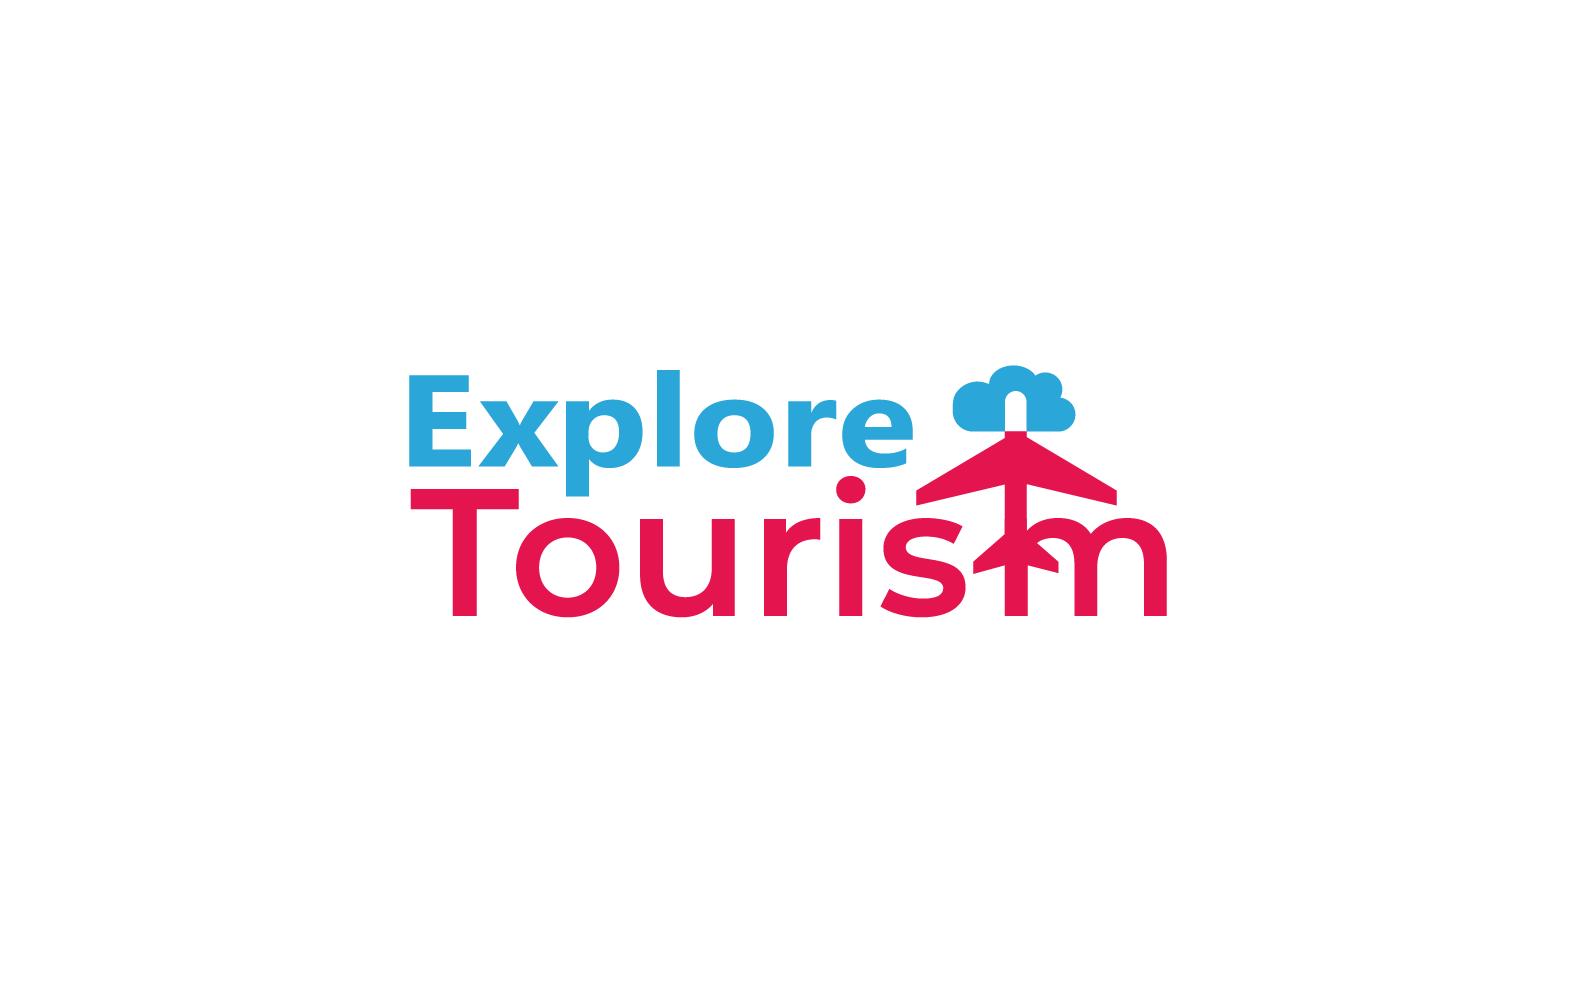 exploretourismV1